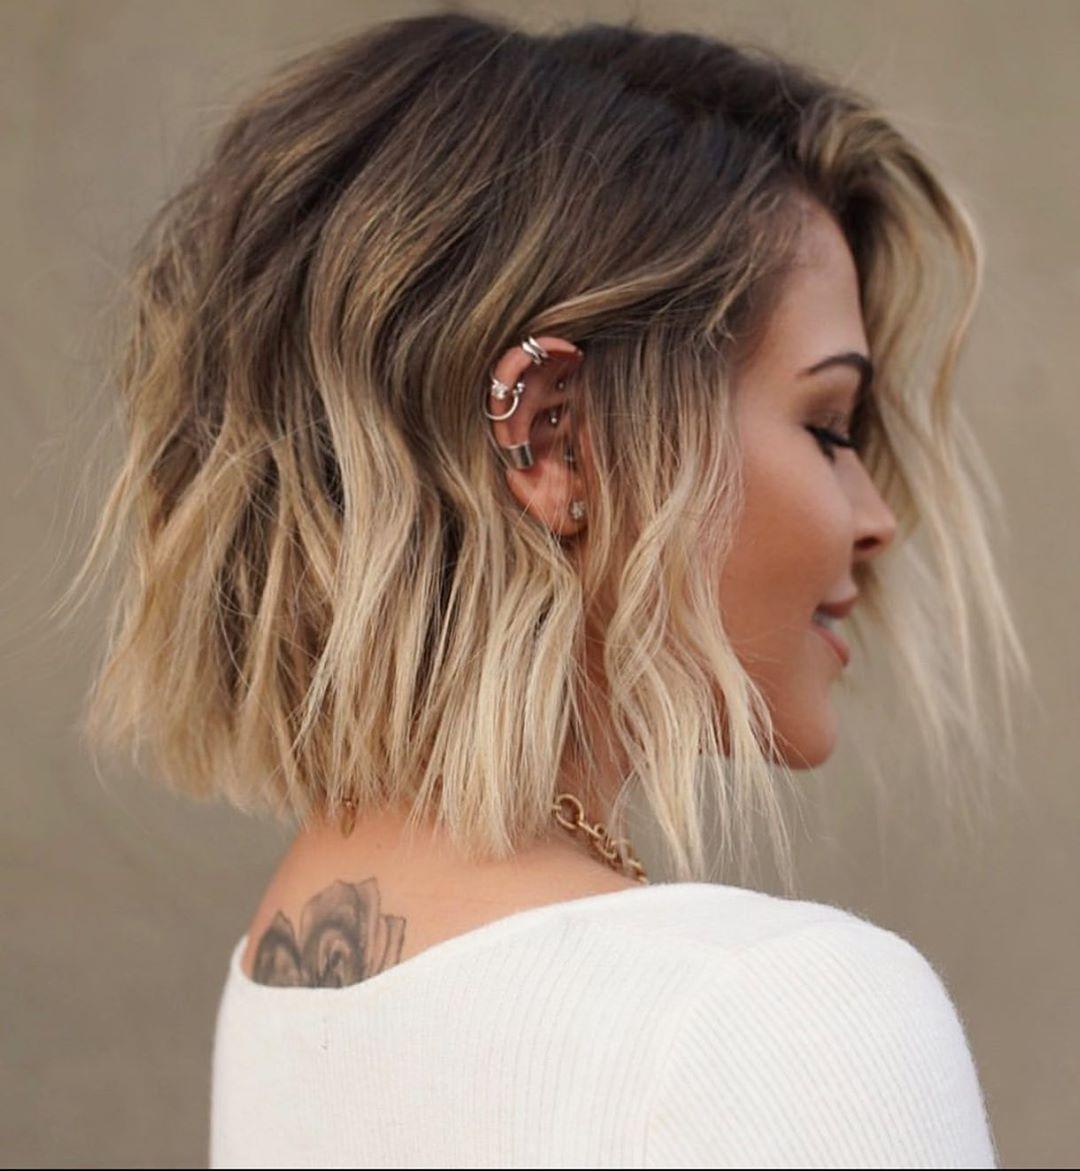 410 mejores opciones de Peinados en 2020 | Peinado y maquillaje, Cabello y  belleza y Cabello y maquillaje